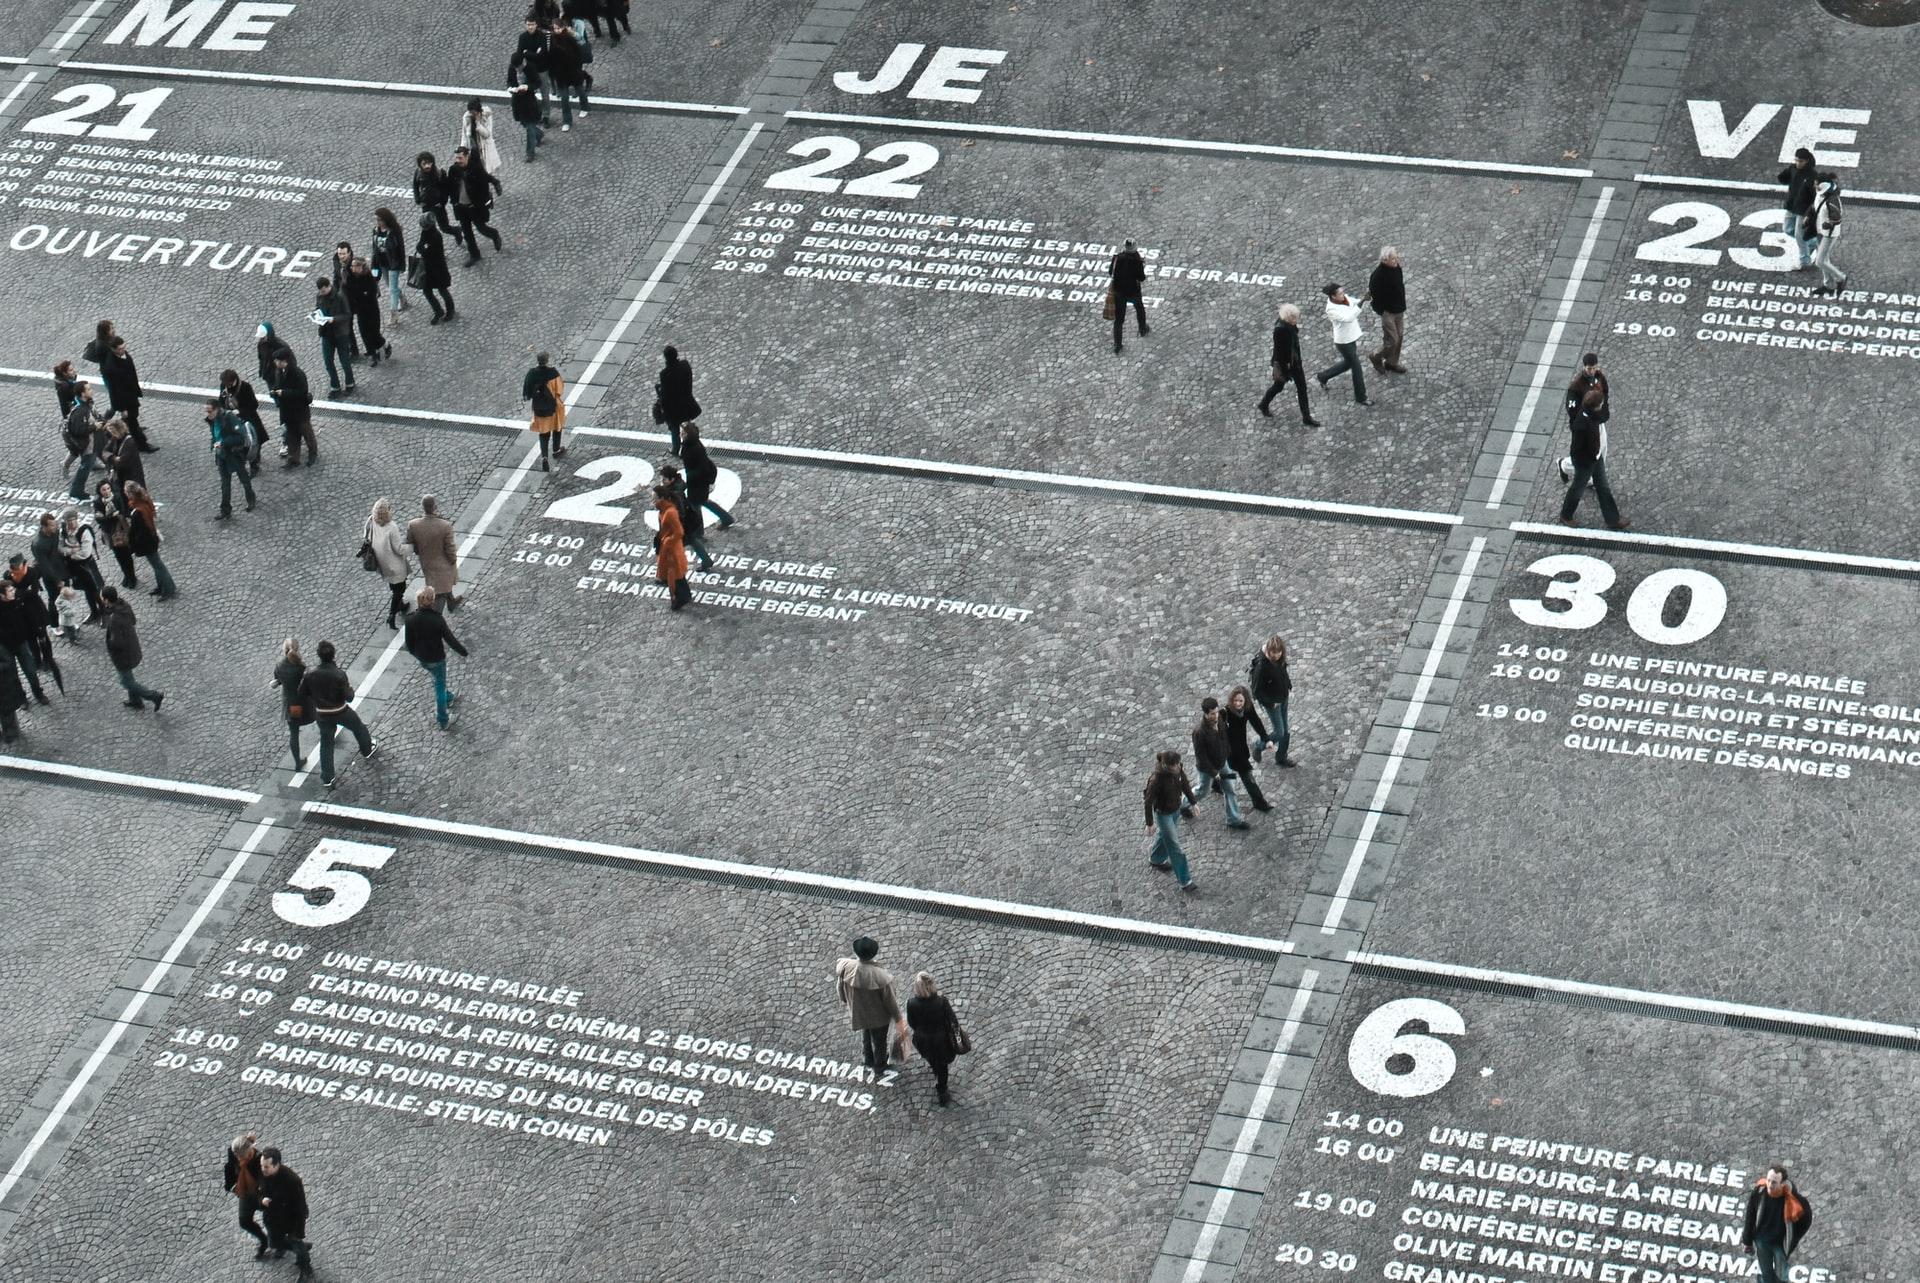 people walking in a city